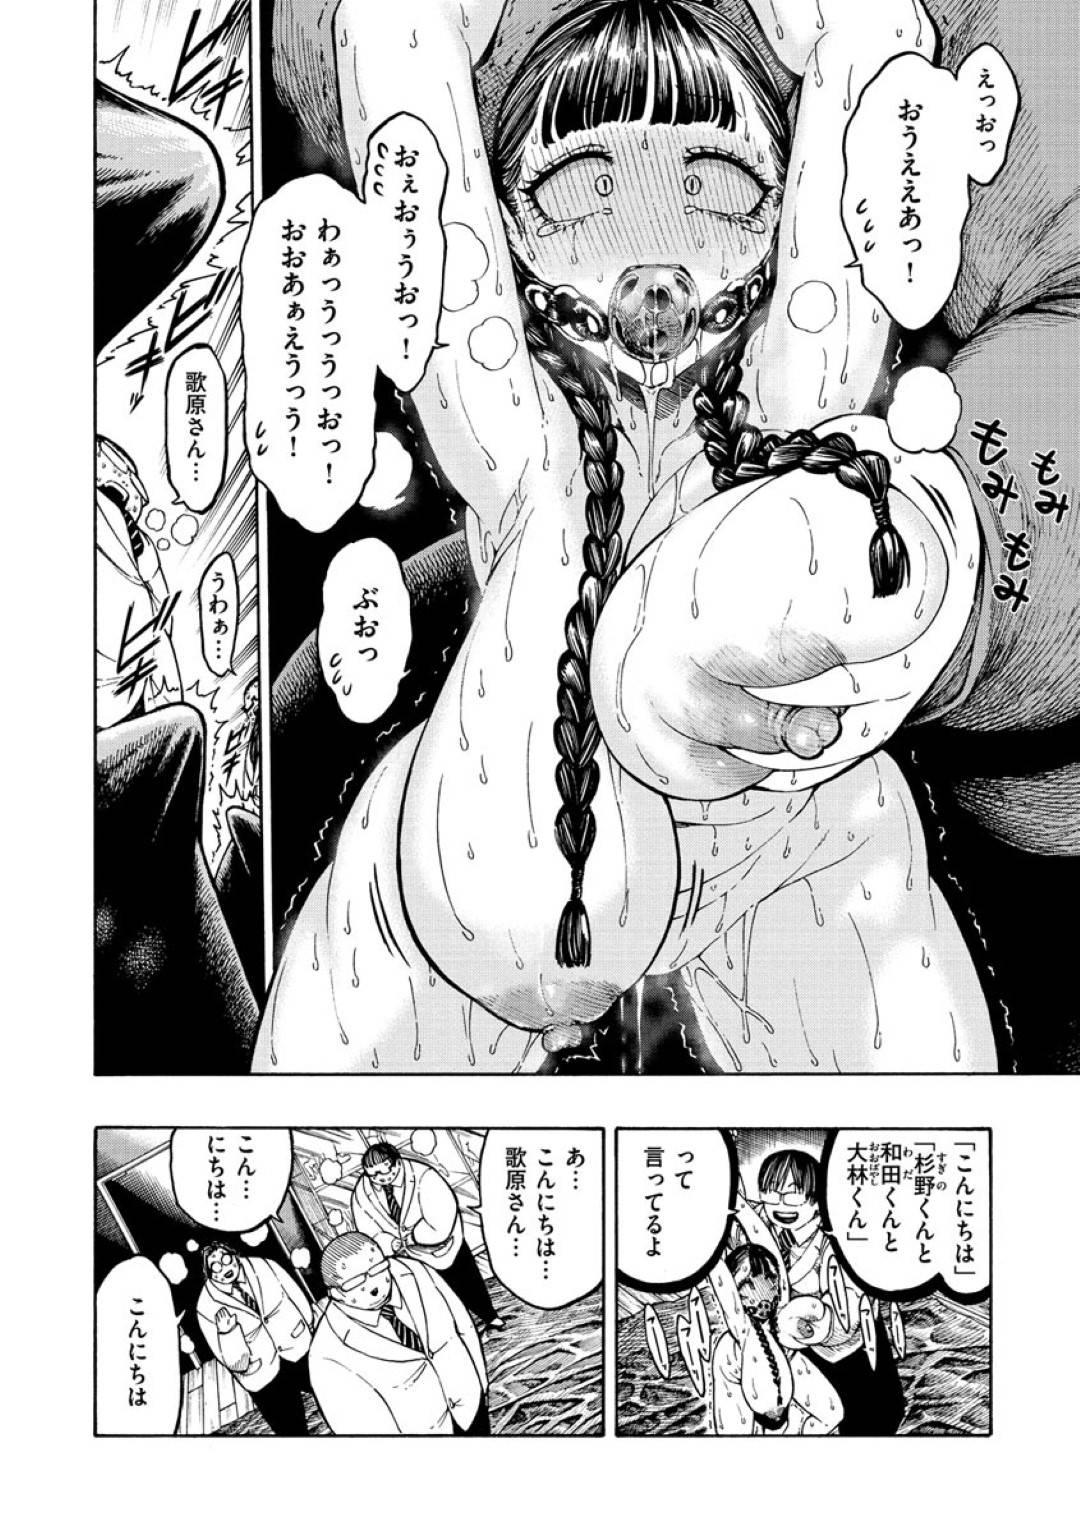 【エロ漫画】キモオタ達に部屋に拘束監禁されてしまったみつあみ少女。男たちは彼女を肉便器としてイラマでぶっかけや口内射精したり、中出ししたりと陵辱する。